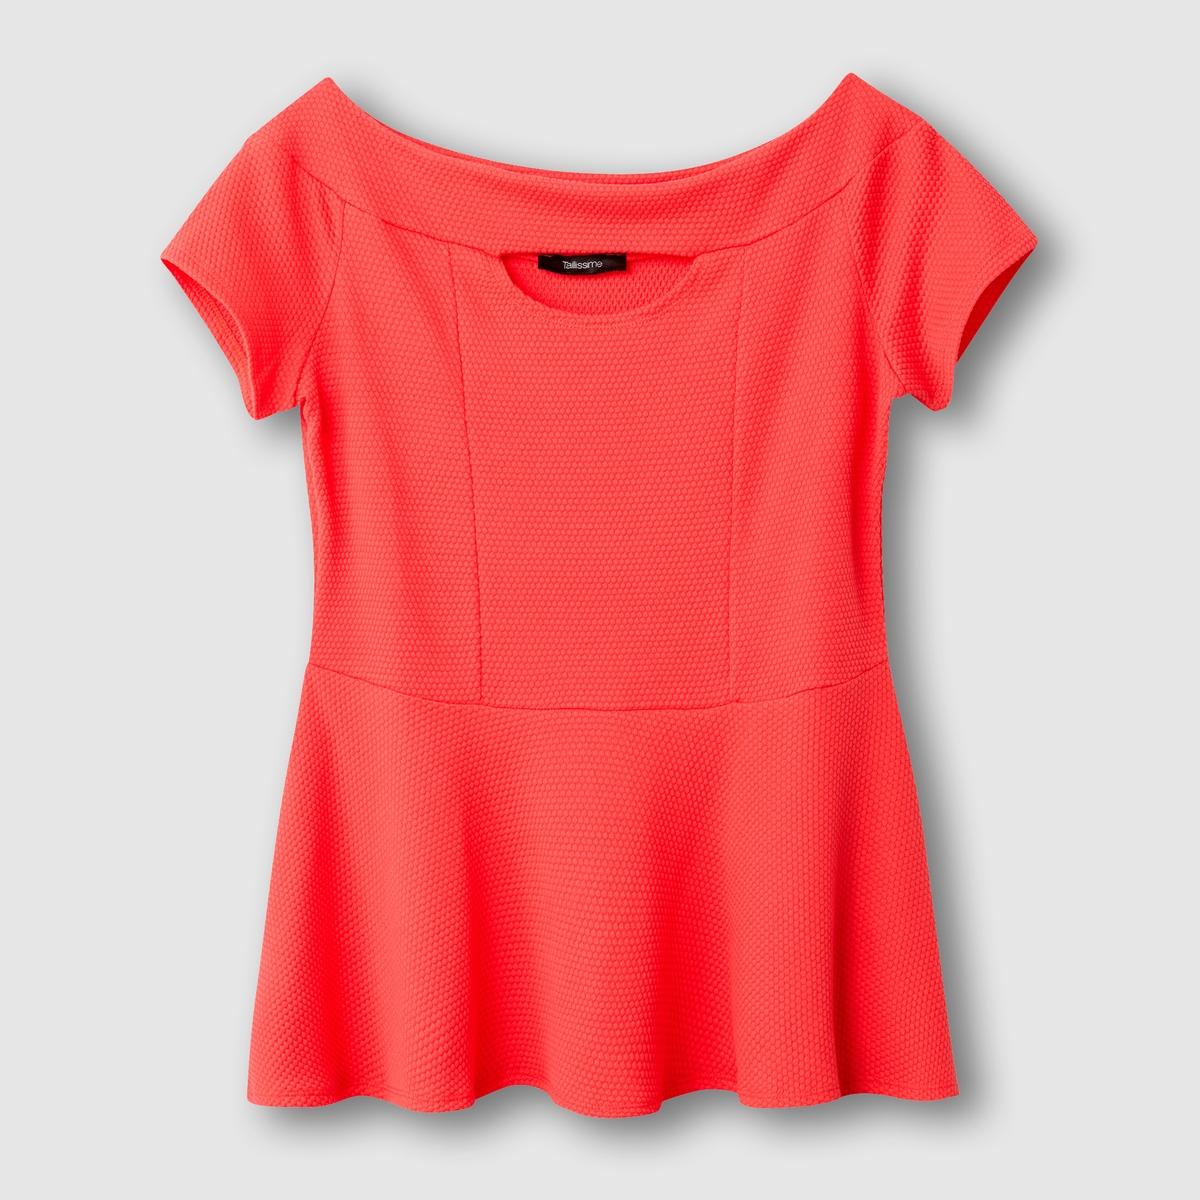 Футболка с баскойФутболка . Открытые плечи и баска придают этому топу женственности! Короткие рукава. Из рельефного трикотажа, 60% полиэстера, 37% хлопка, 3% эластана. Длина ок.66 см .<br><br>Цвет: коралловый,розовый<br>Размер: 42/44 (FR) - 48/50 (RUS).54/56 (FR) - 60/62 (RUS).58/60 (FR) - 64/66 (RUS)